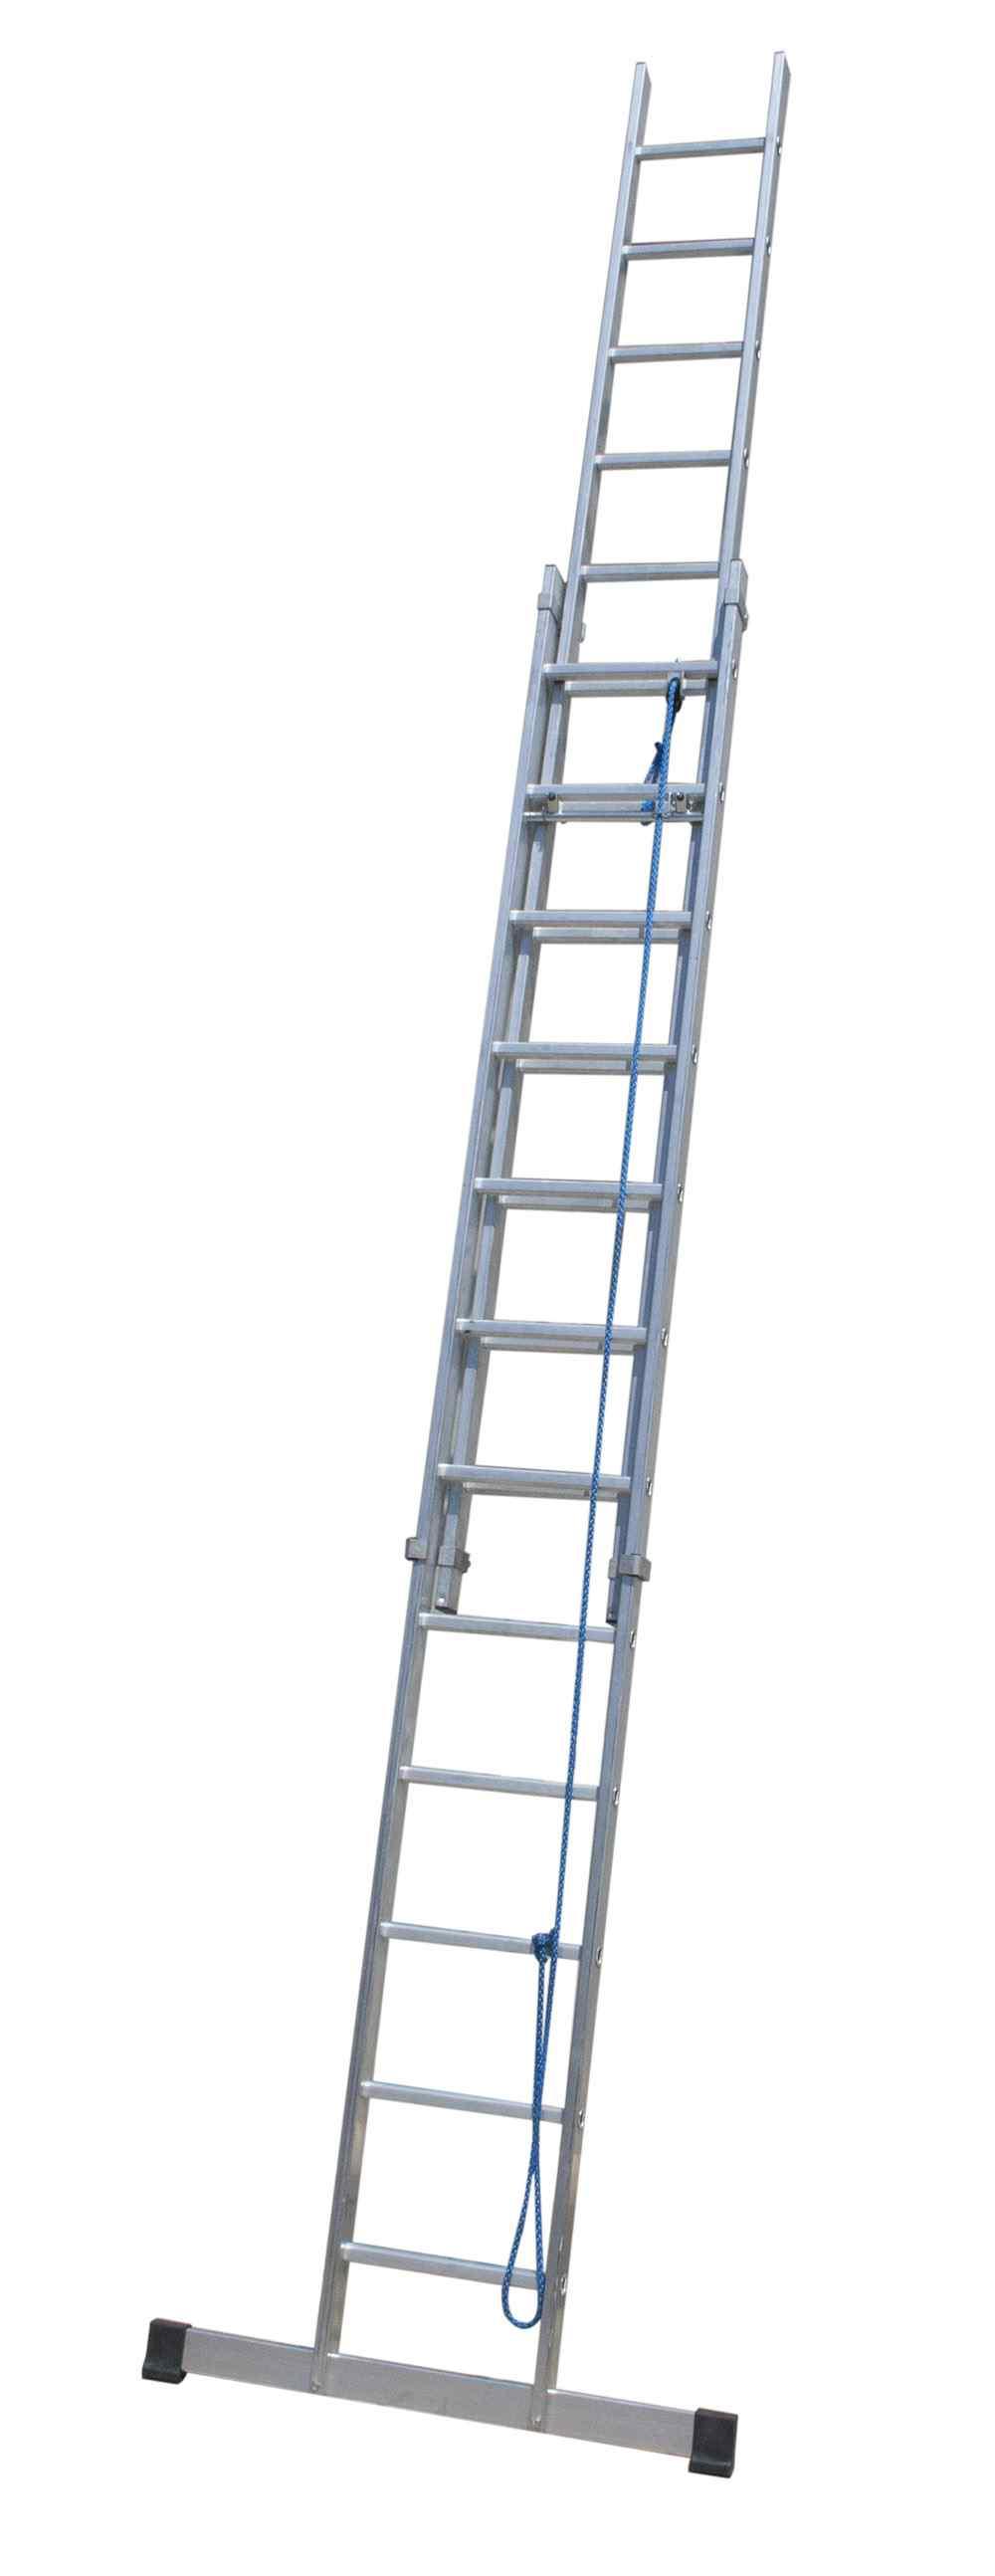 Escalera doble extensión mecánica - 12 x 2 Peldaños